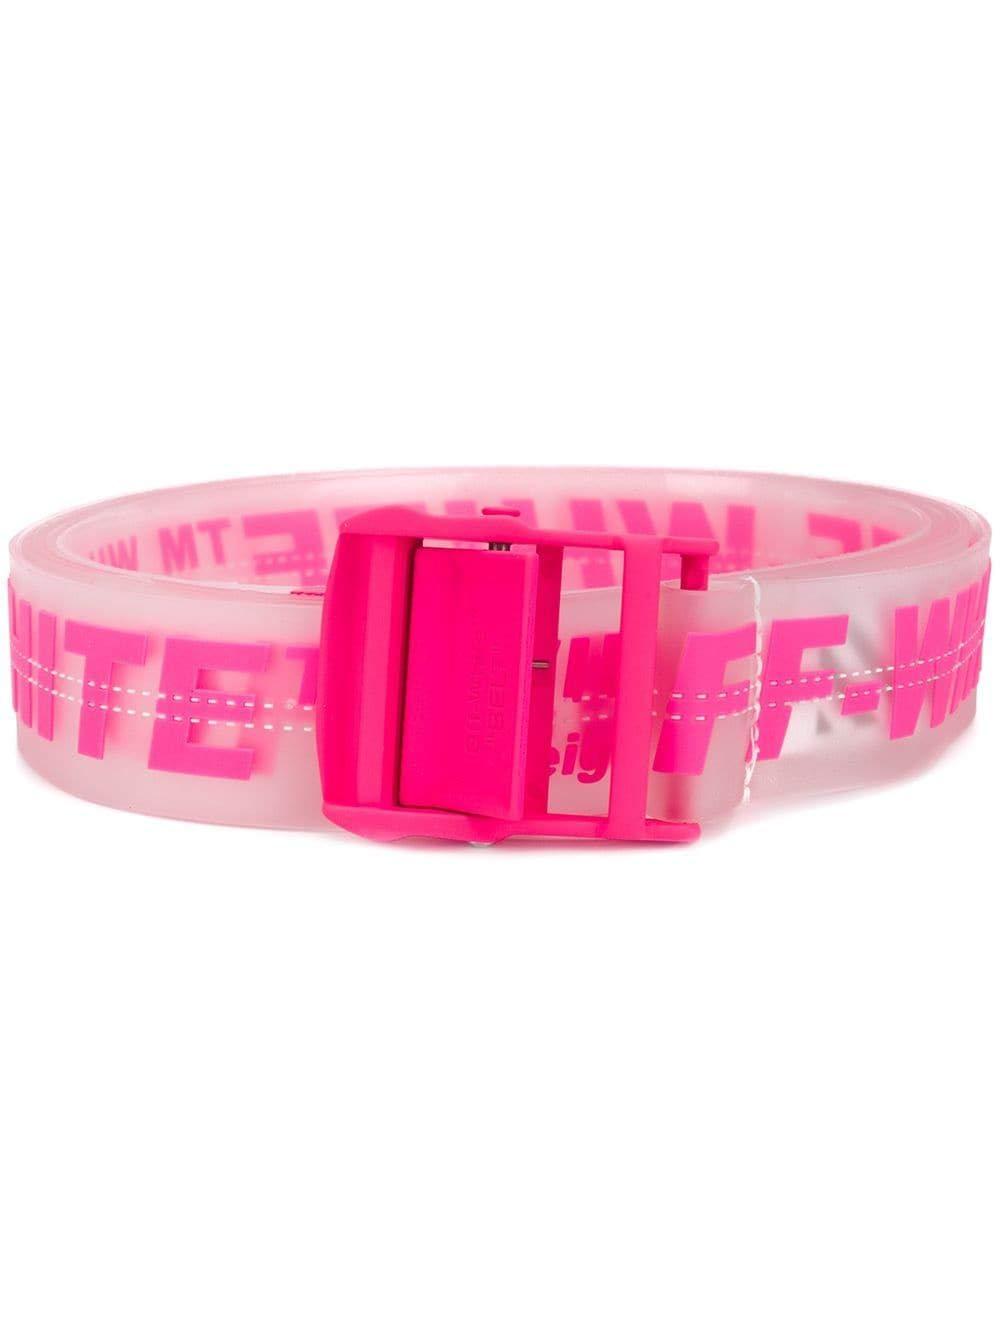 Off-White Women's Owrb009r198510889828 Pink Pvc Belt